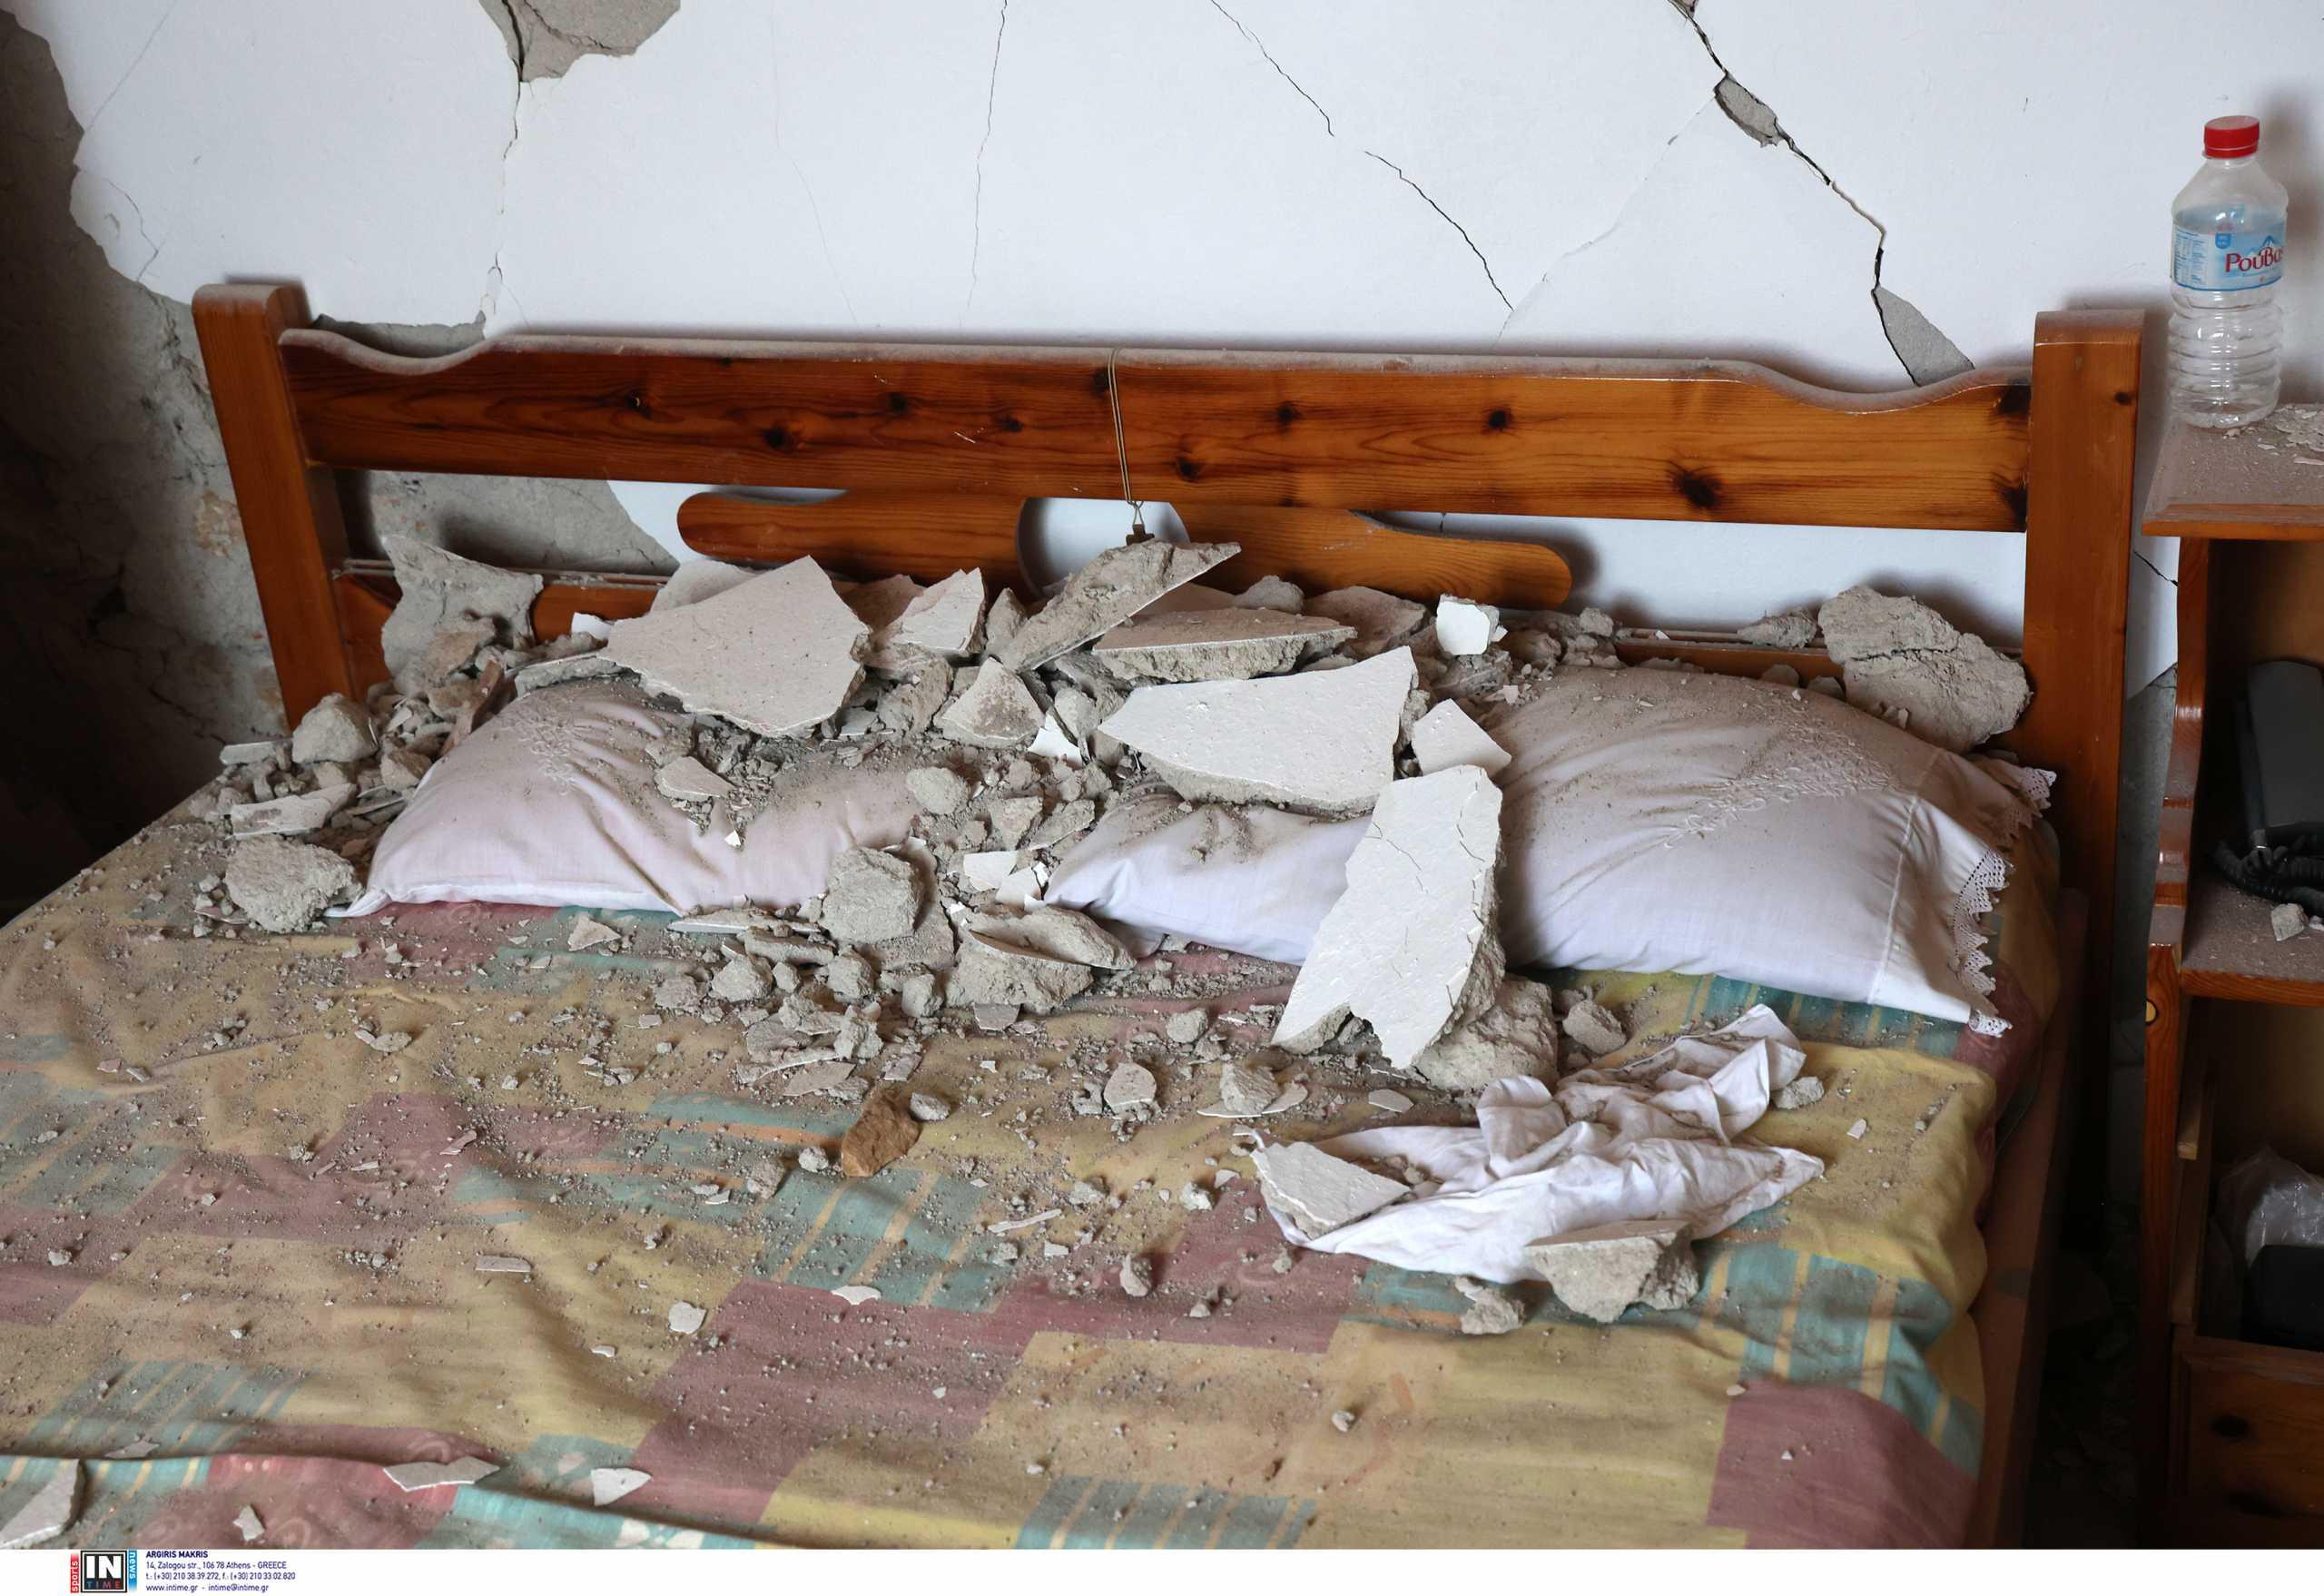 Σεισμός στην Κρήτη:  Αποκαταστάθηκε η ζημιά στον τροφοδοτικό αγωγό ύδρευσης Θραψανού